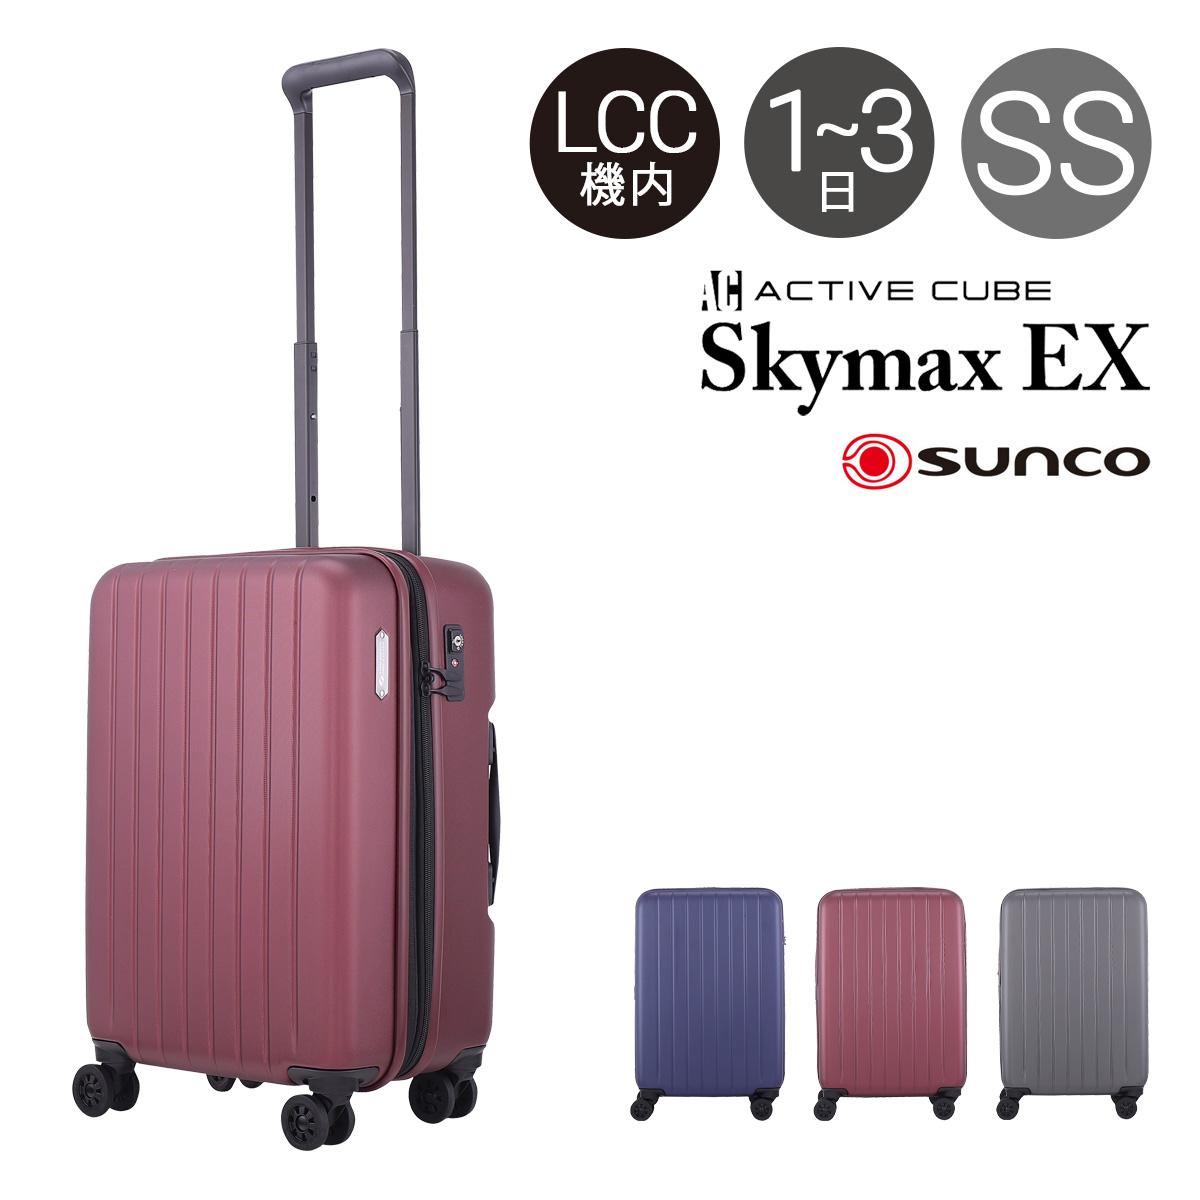 サンコー スーツケース 41L 46cm 2.5kg ハード ファスナー 機内持ち込み LCC スカイマックスEX メンズ レディース ACSE-46 SUNCO | キャリーケース 拡張 軽量 静音 TSAロック搭載 HINOMOTO[即日発送][bef]